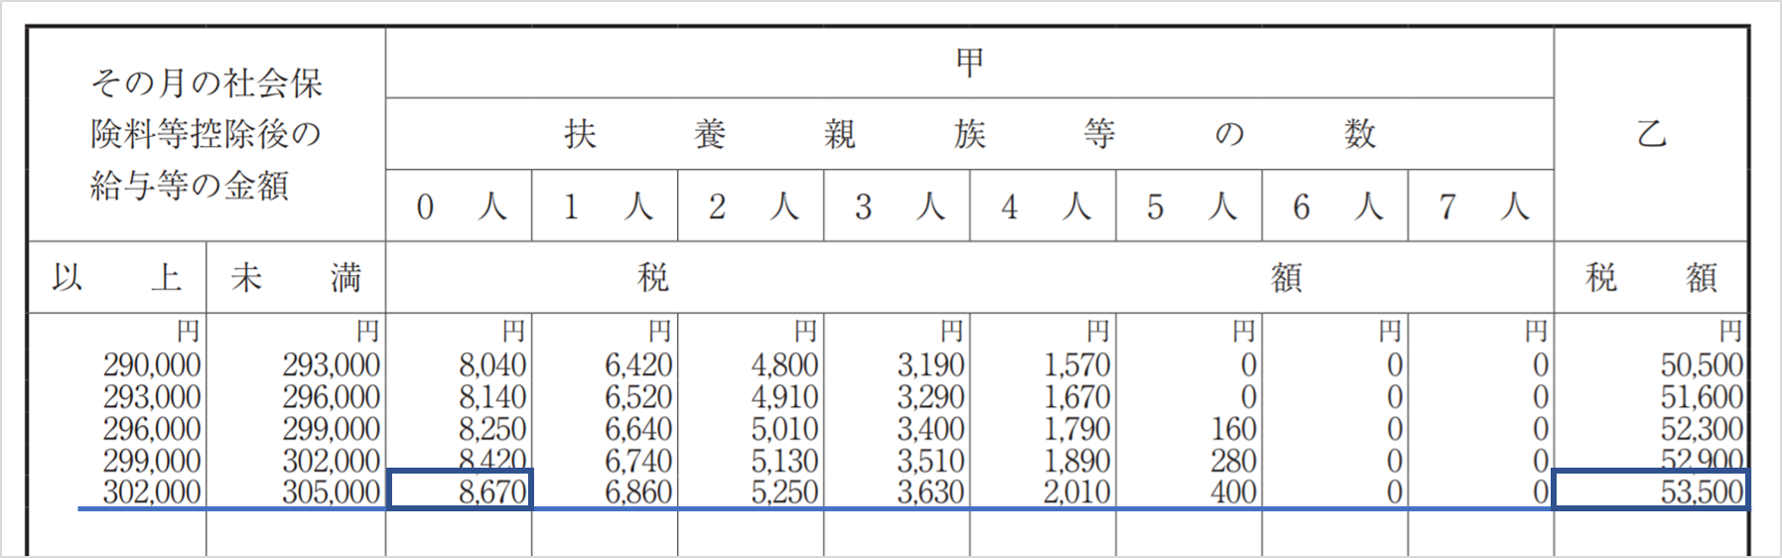 源泉 所得税 額 表